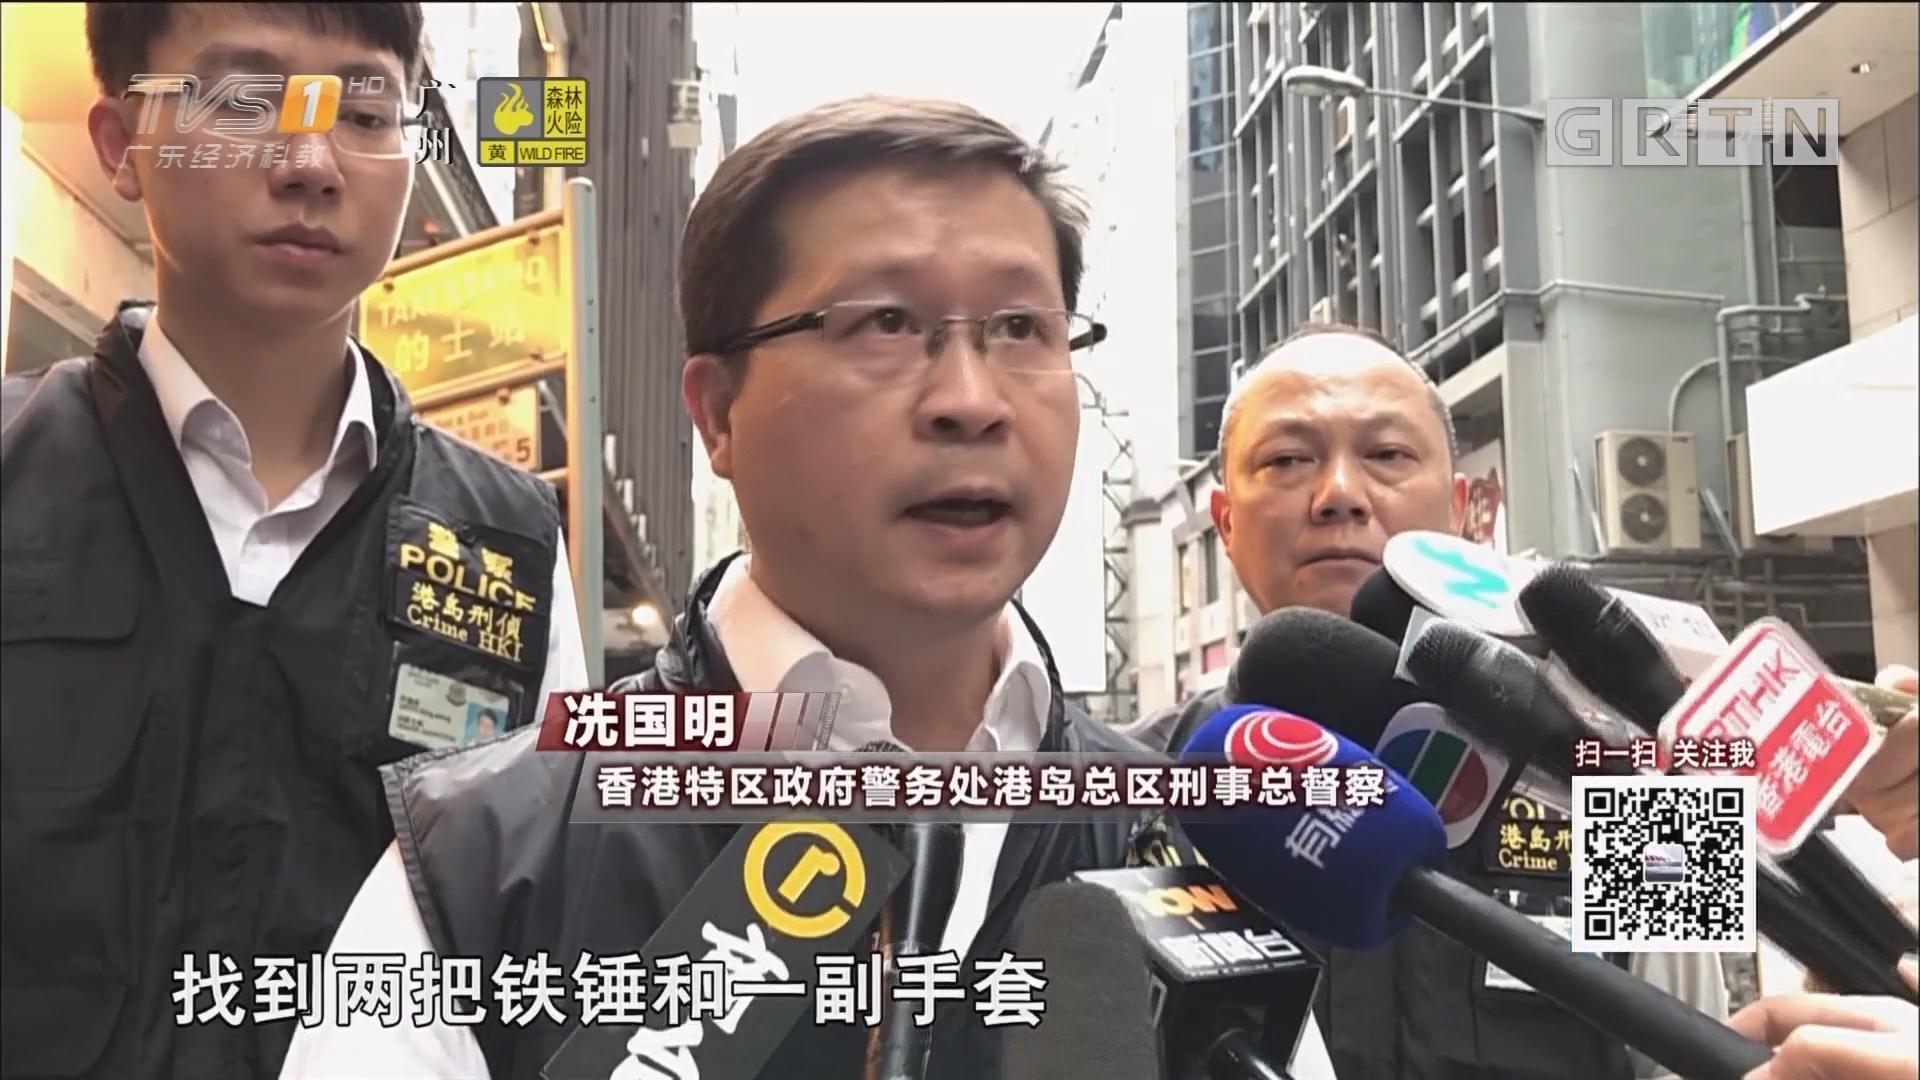 香港珠宝店遭抢劫 损失约2000万港元饰品